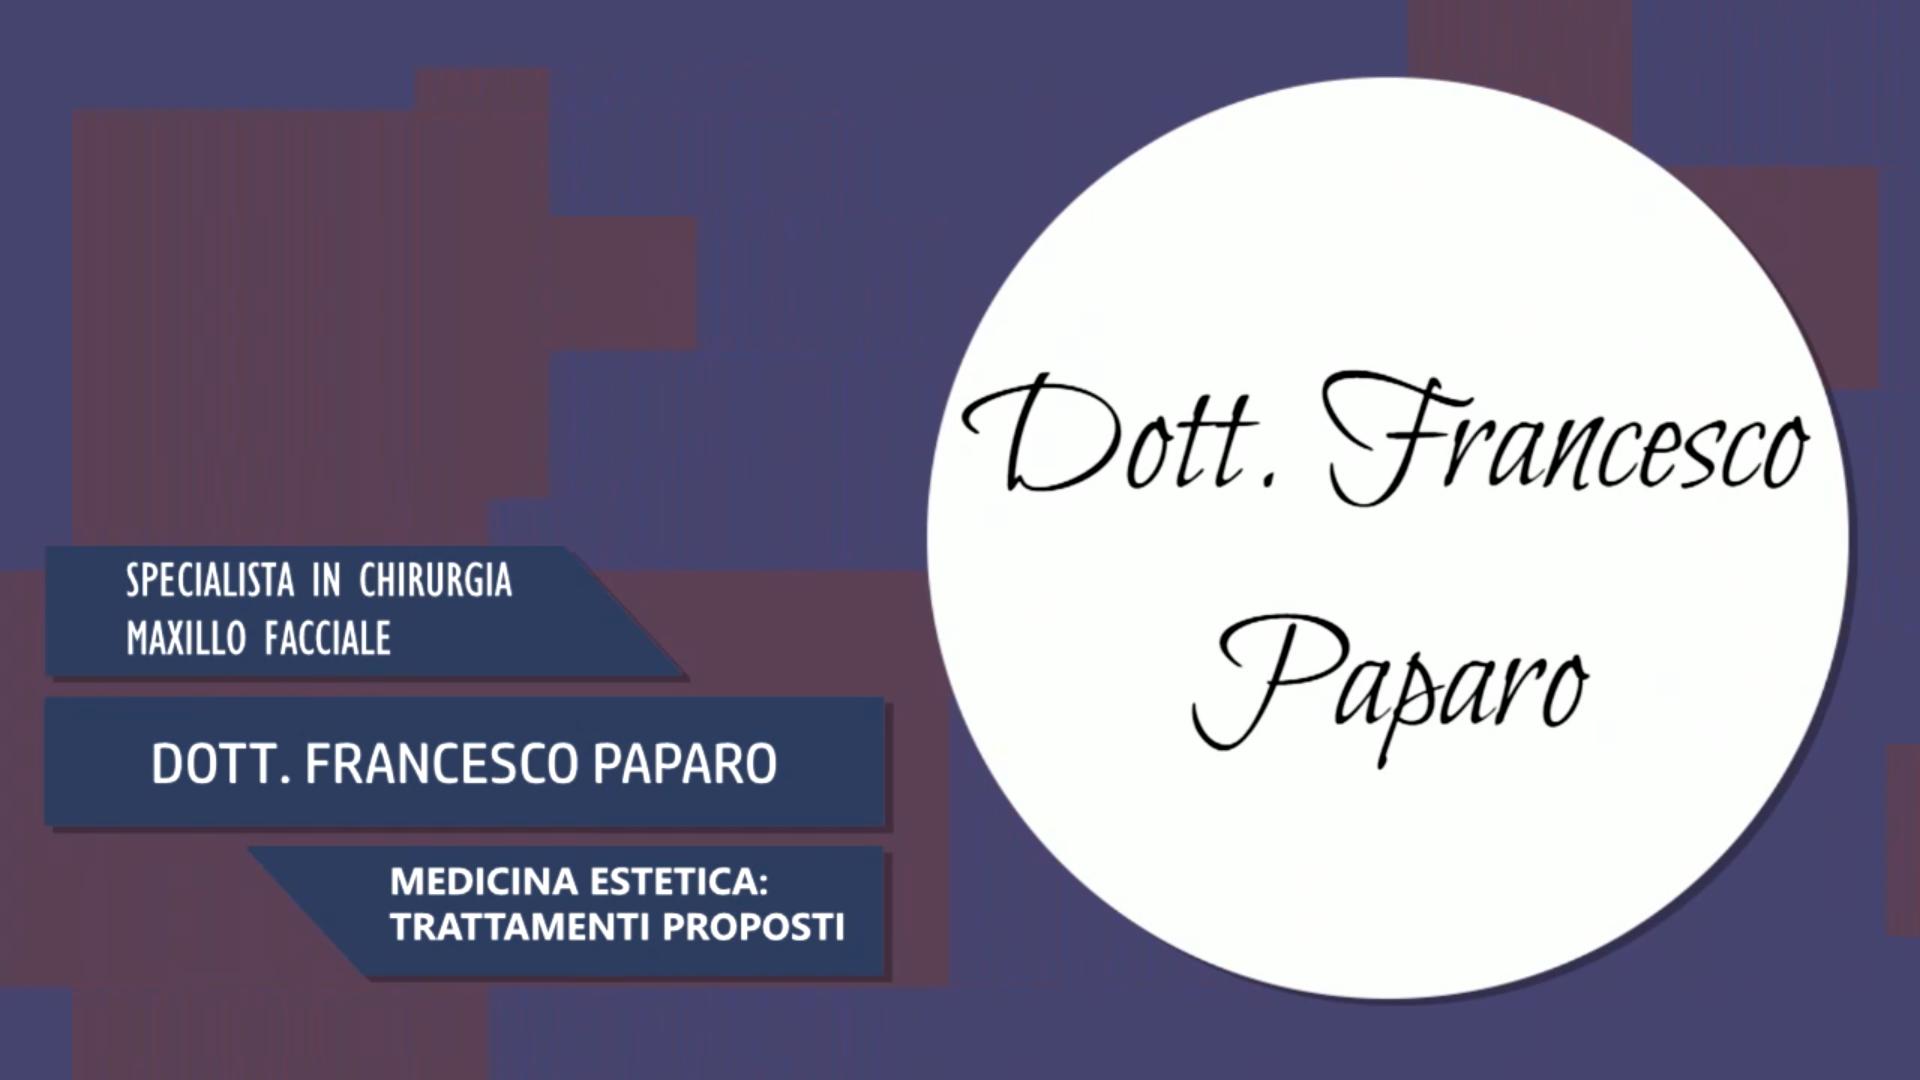 Intervista al Dott. Francesco Paparo – trattamenti proposti nella medicina estetica